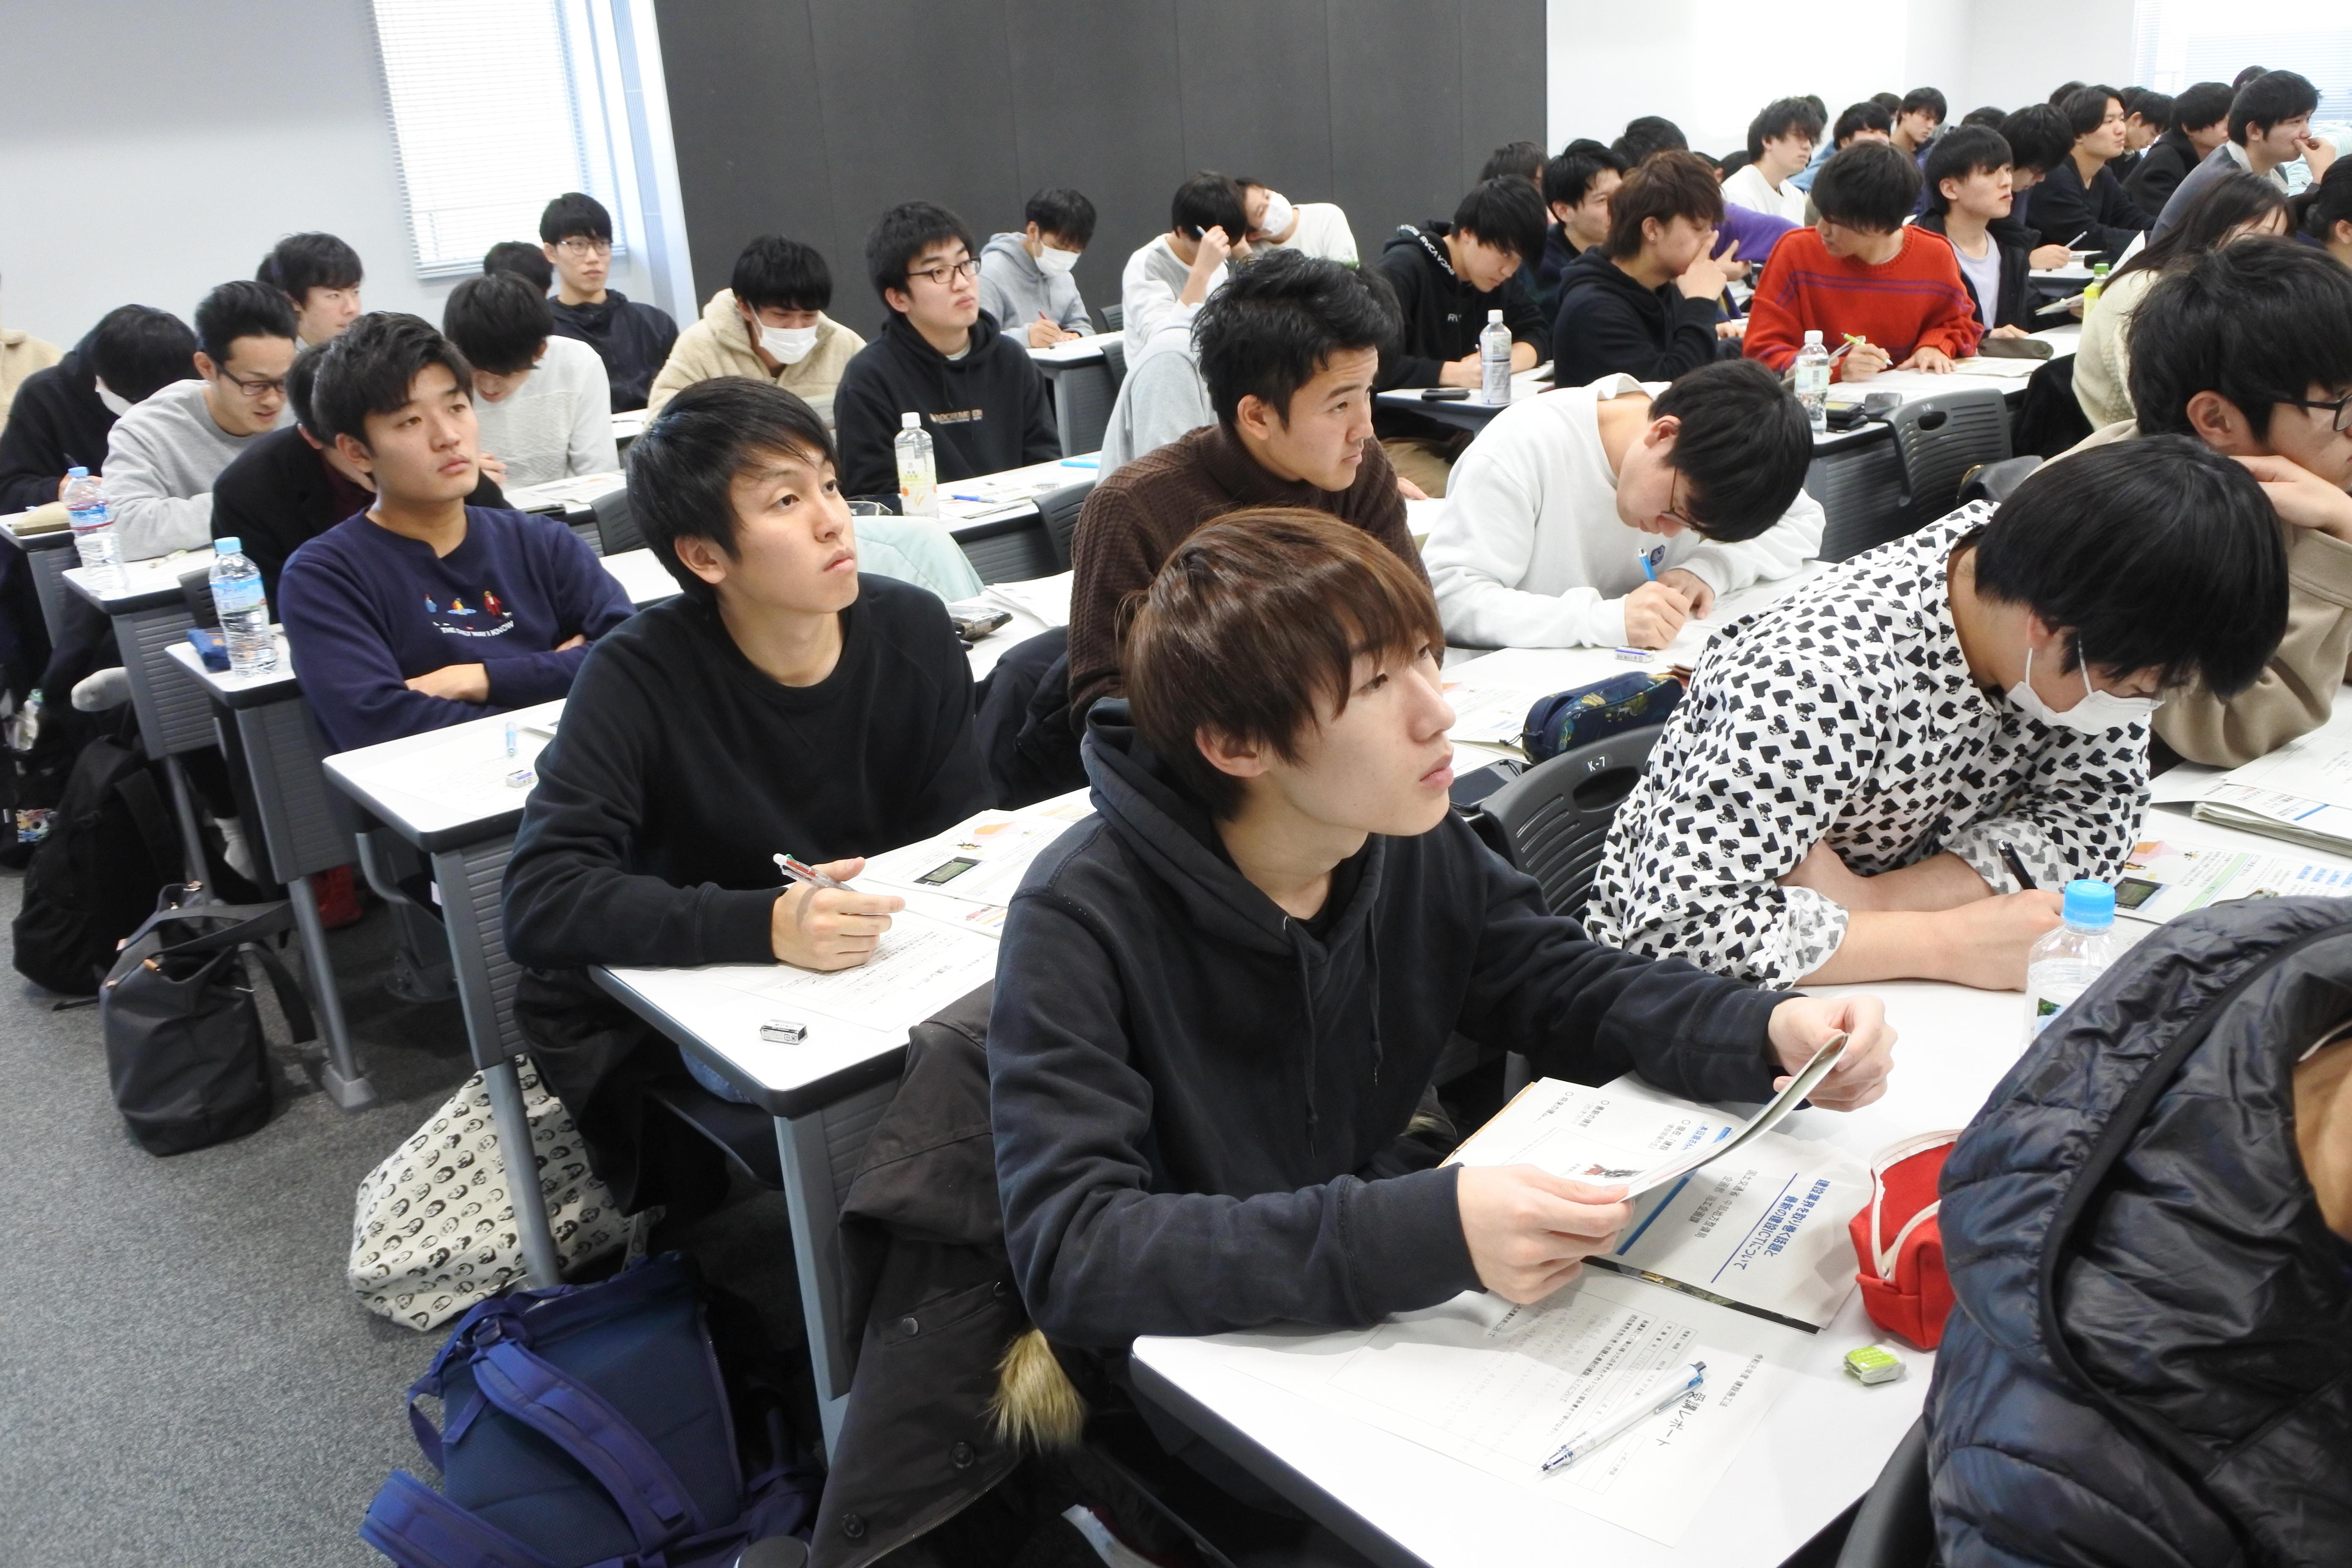 ICTの導入で建設現場の仕事が変わる実例に聞き入る学生たち